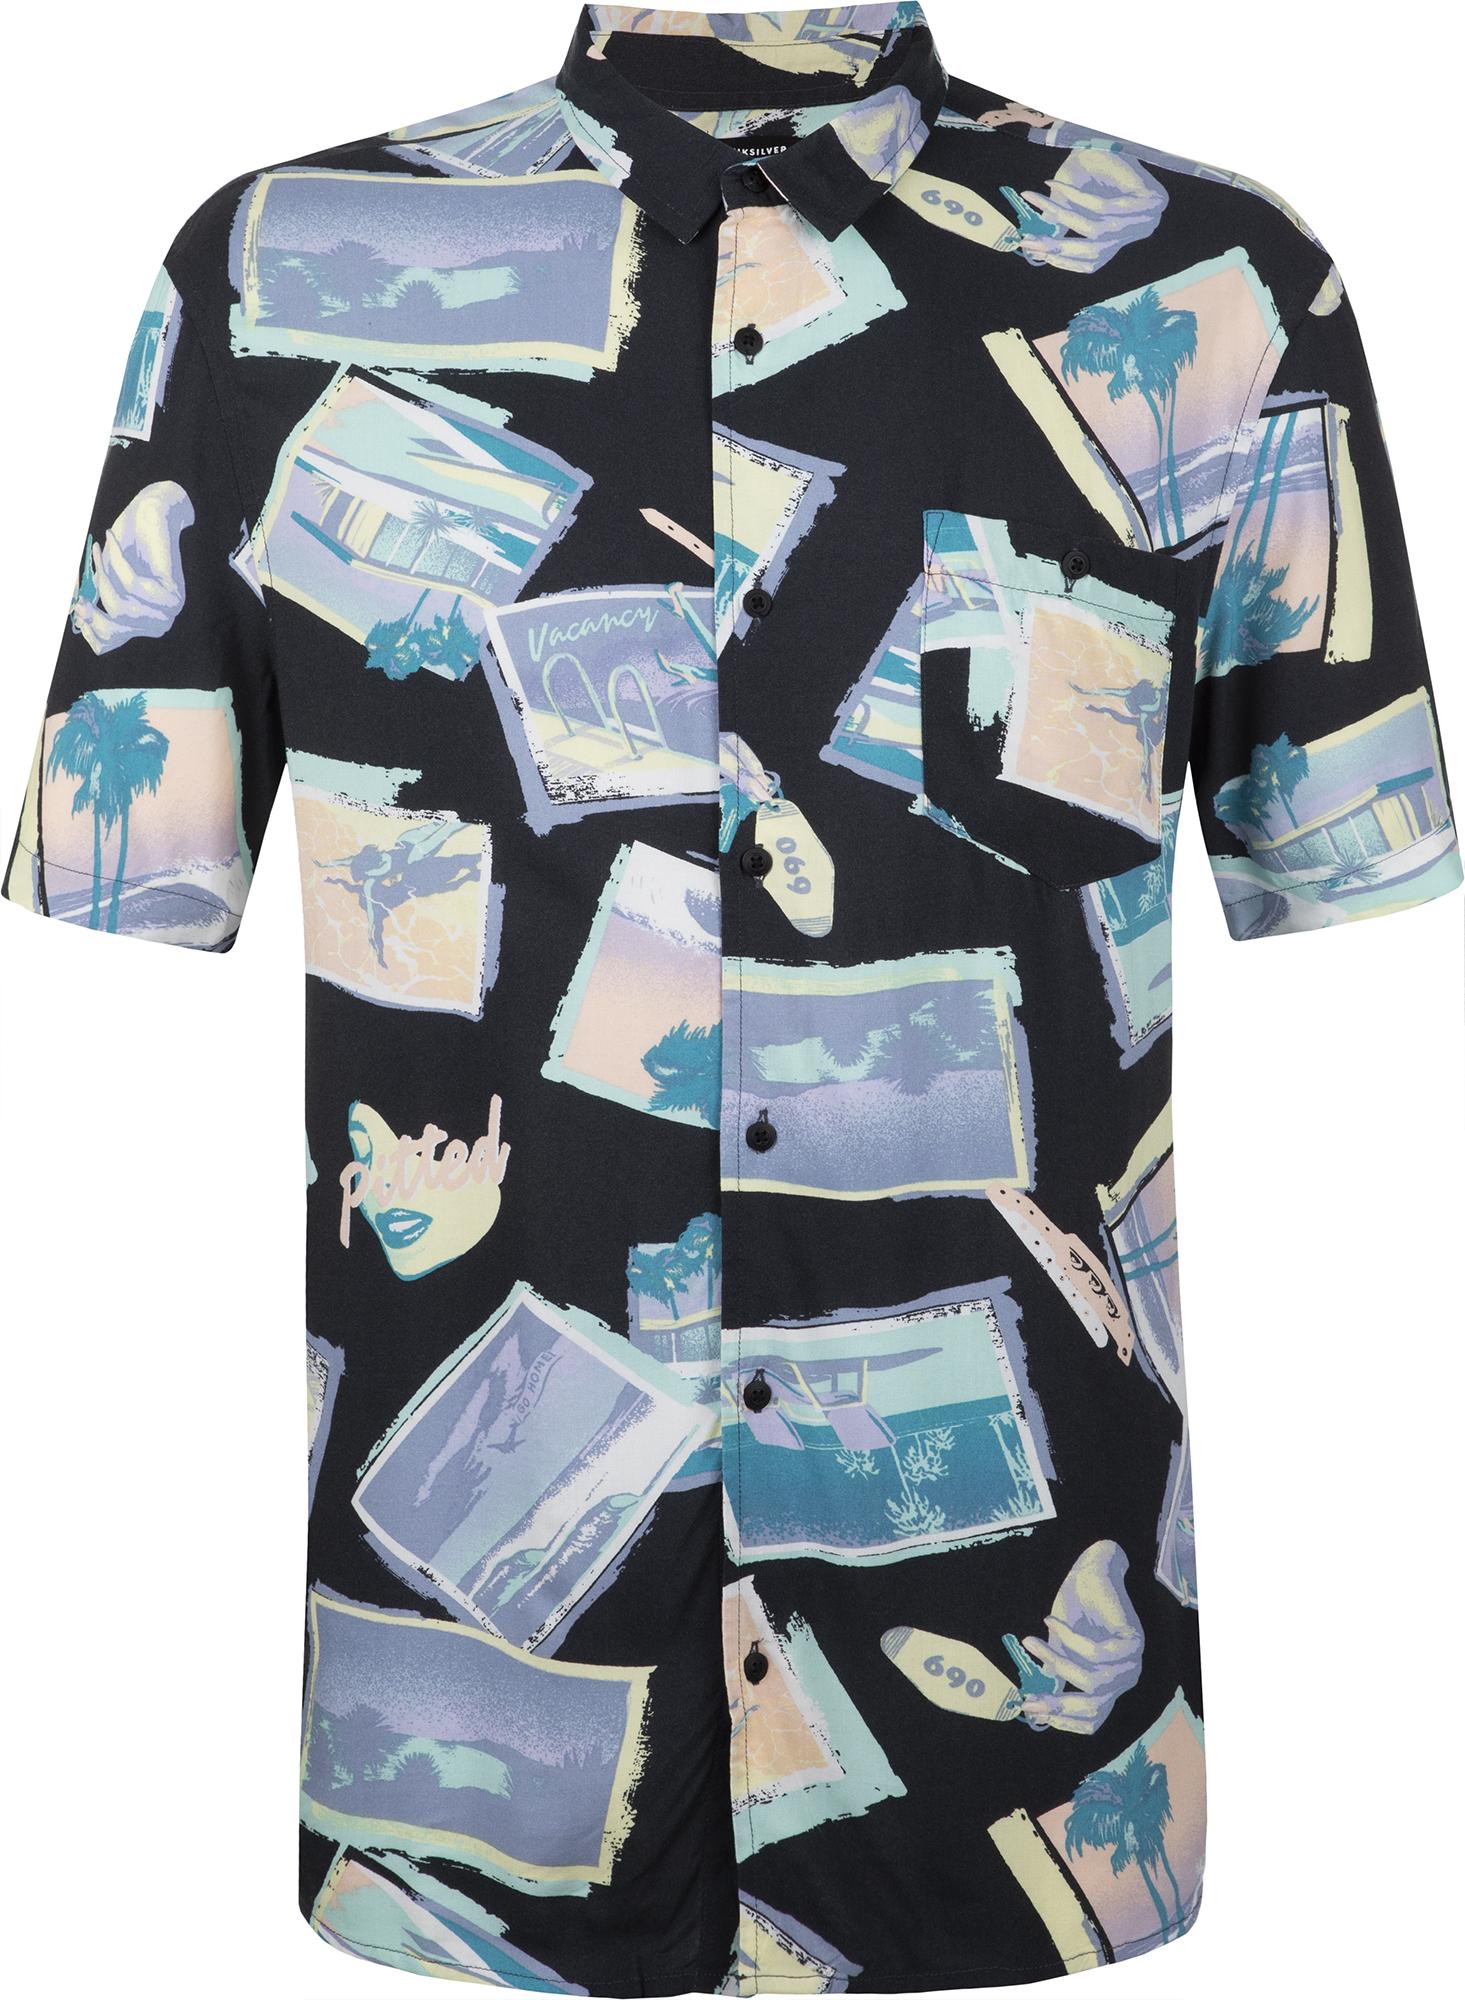 цена на Quiksilver Рубашка с коротким рукавом мужская Quiksilver Vacancy, размер 52-54